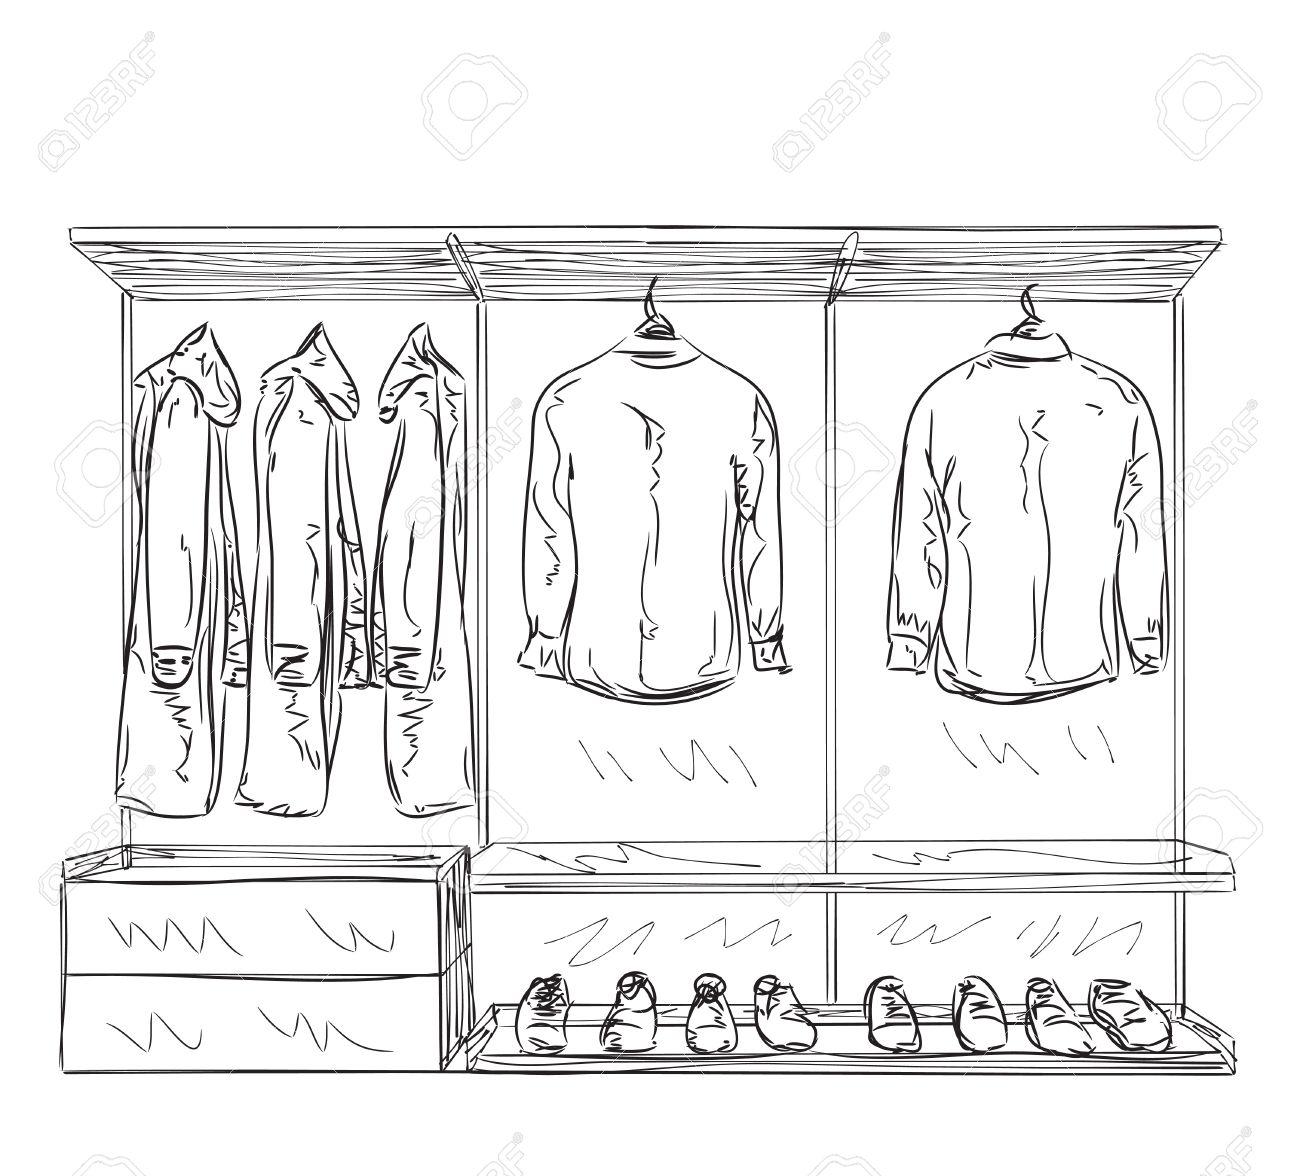 Schrank gezeichnet  Hand Gezeichnet Kleiderschrank Skizze. Zimmereinrichtung Mit ...